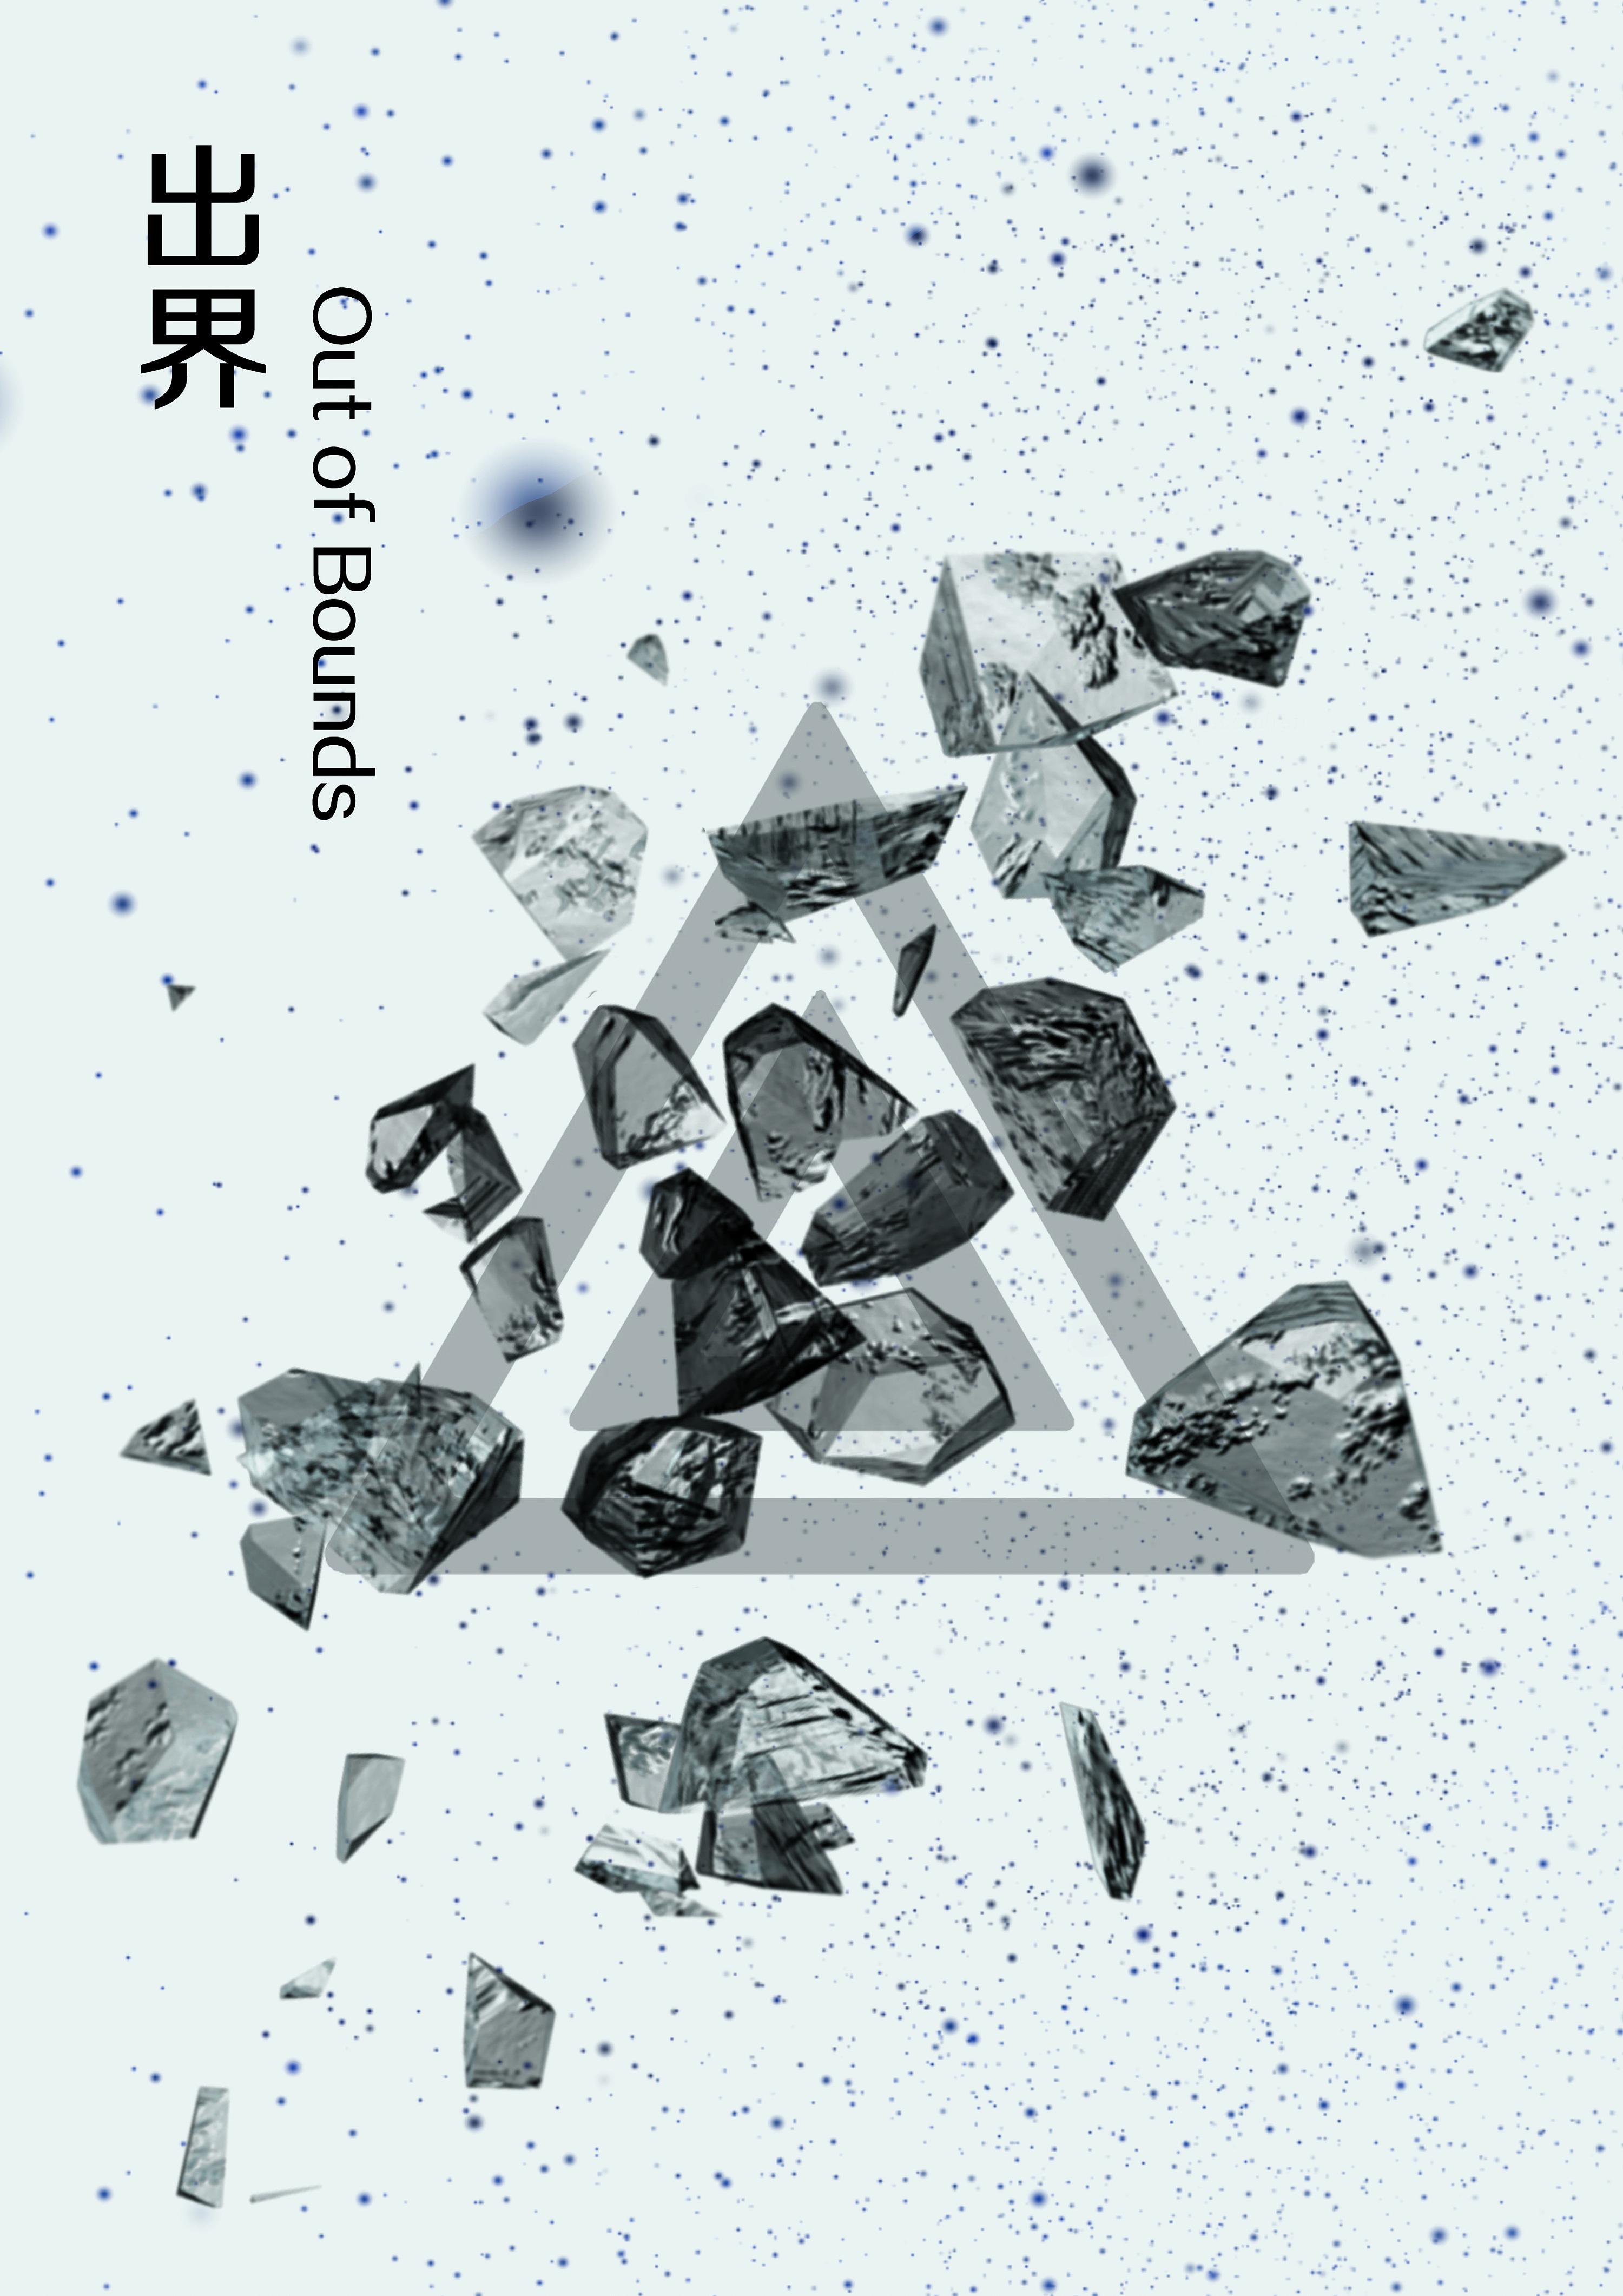 出界(投影艺术)|空间|其他空间|keepsilence - 原创